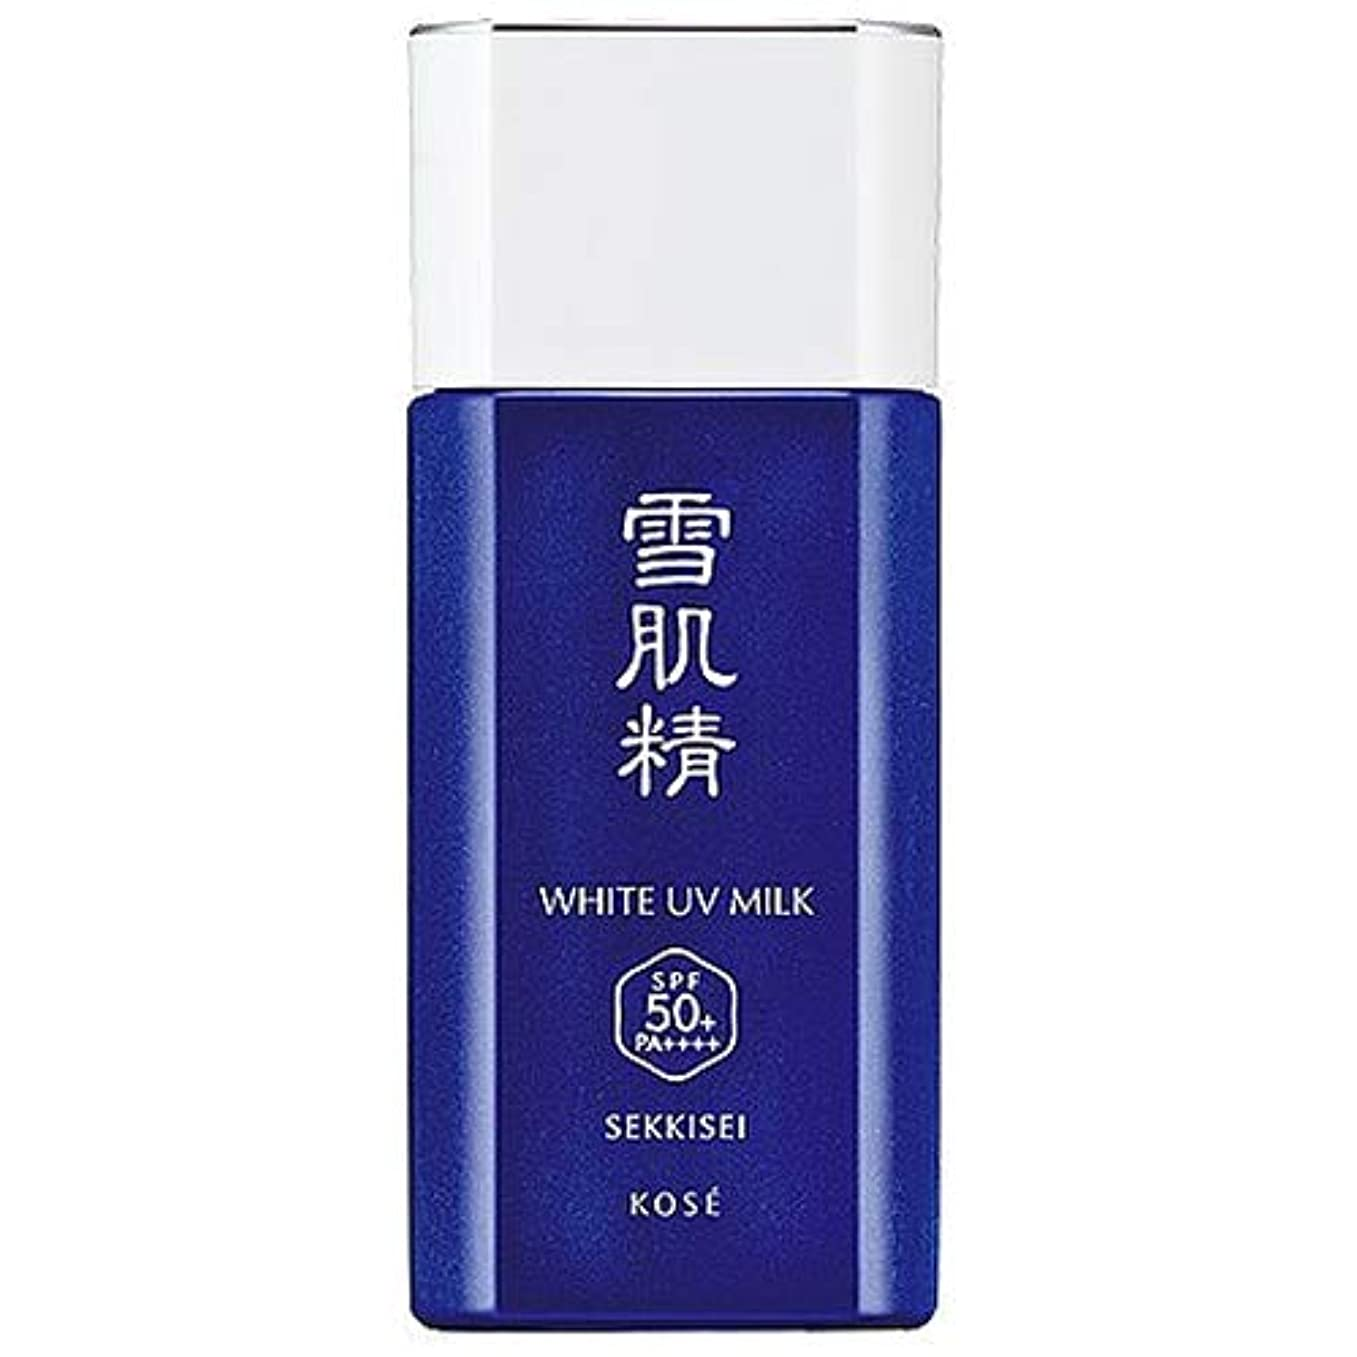 施設胃道徳コーセー KOSE 雪肌精 ホワイト UV ミルク 60g [並行輸入品]